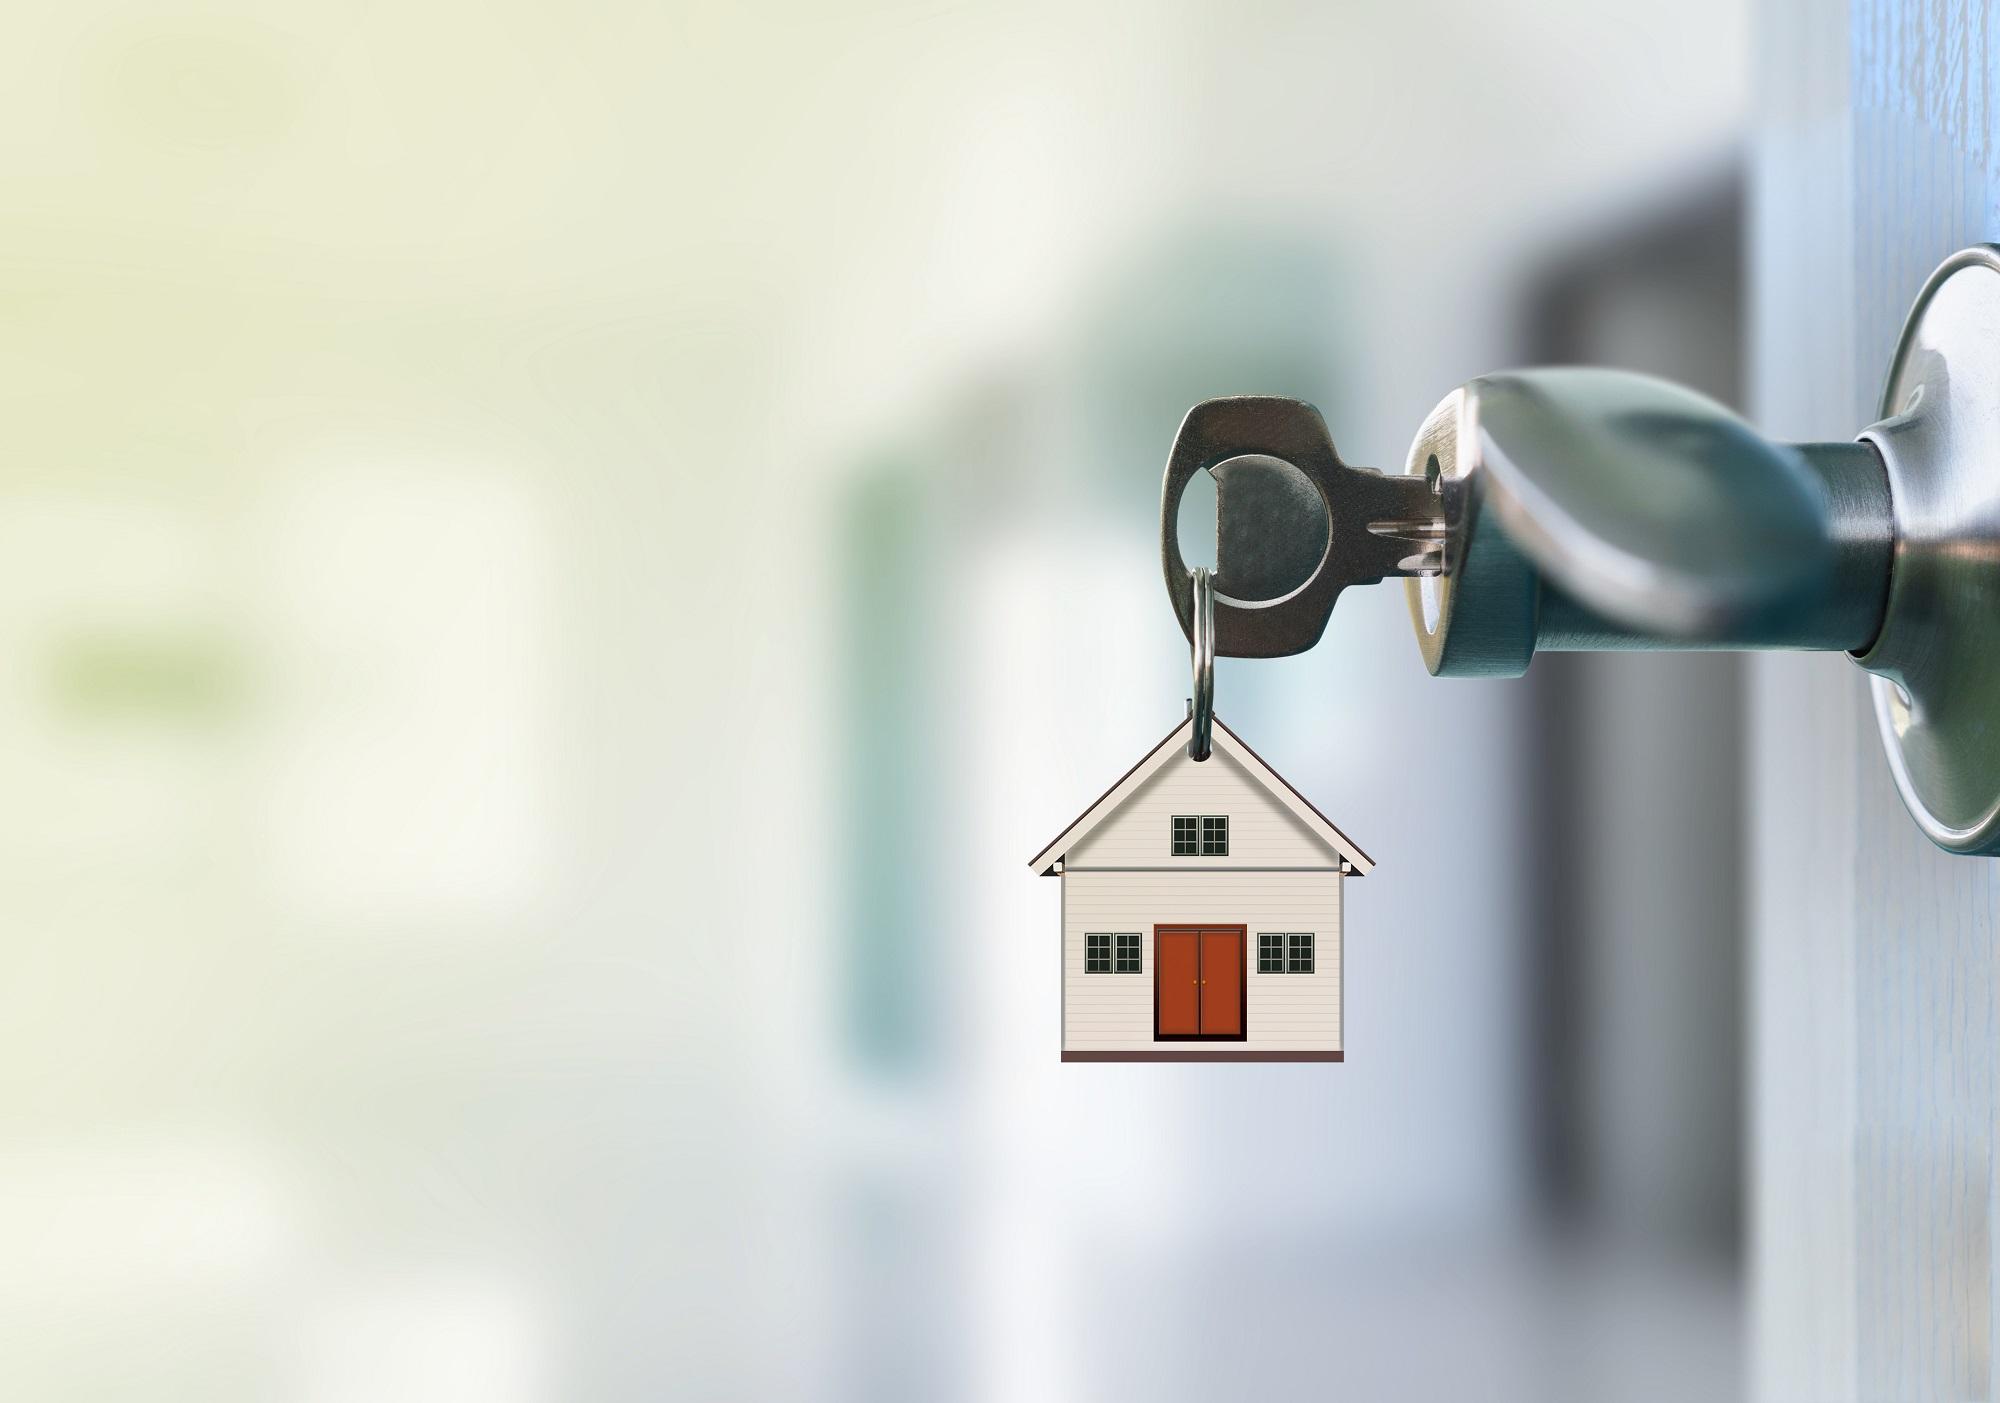 Prodej nemovitostí naopak: Příjem domácností až 22 miliard korun měsíčně